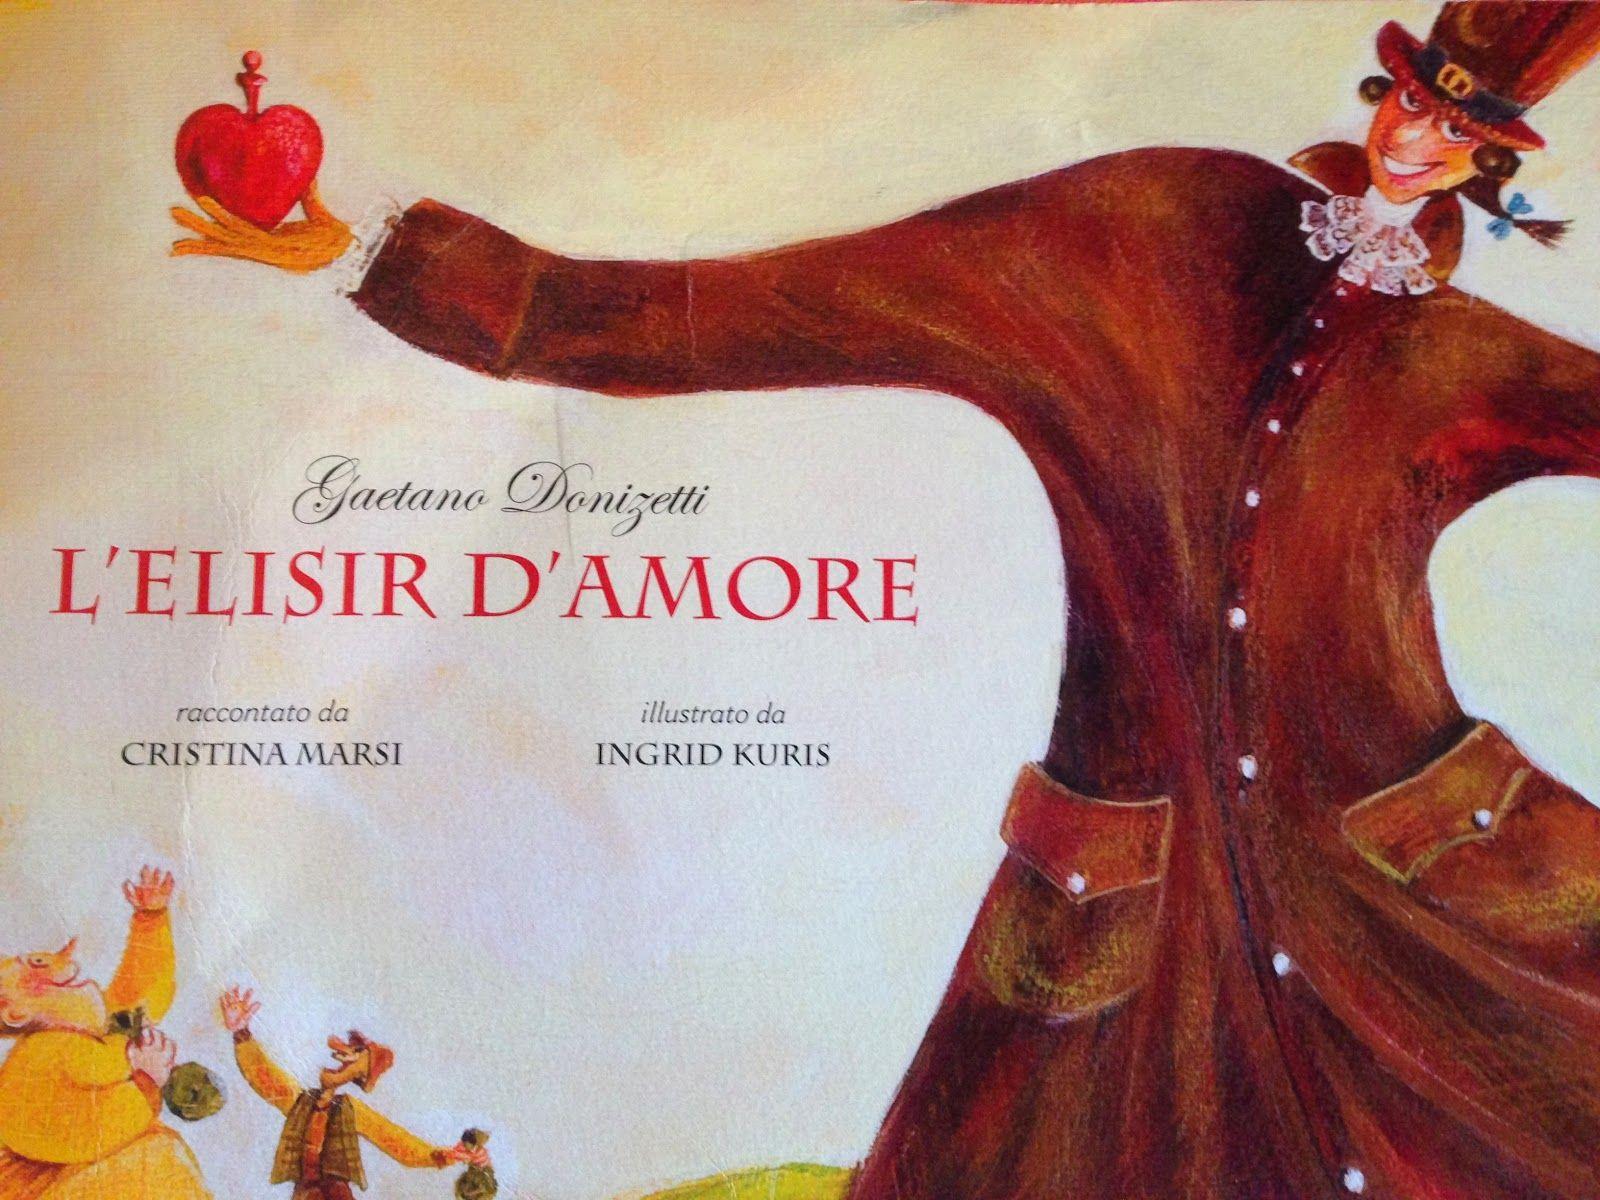 Piccoli Viaggi Musicali: L'elisir d'amore (1) - Libro per bambini